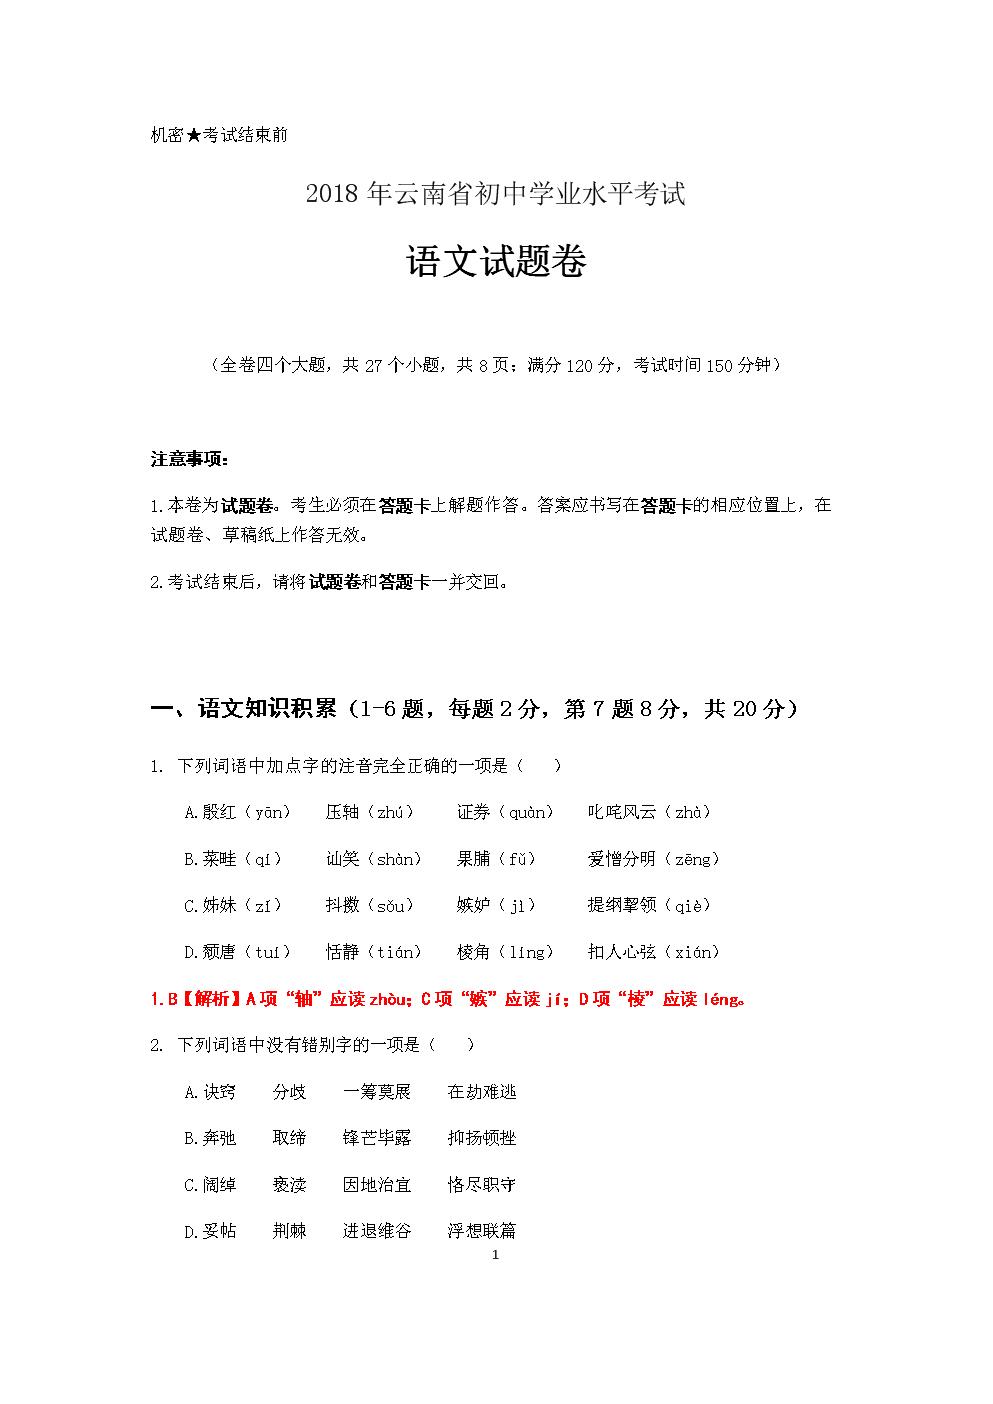 2018年云南省考语文试卷(真题,word版,含答案).doc